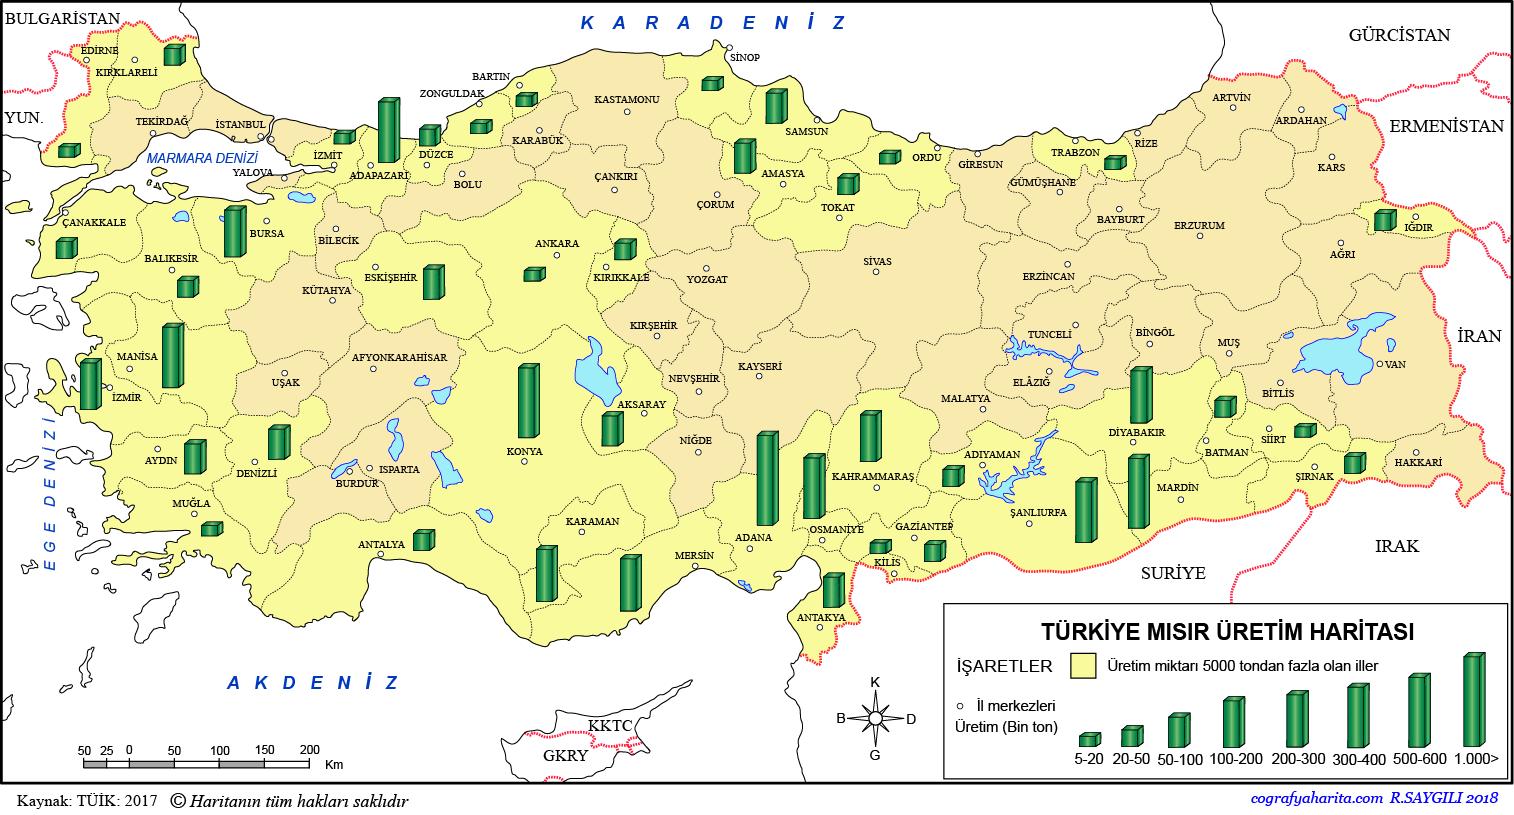 Türkiye Mısır Üretim Haritası